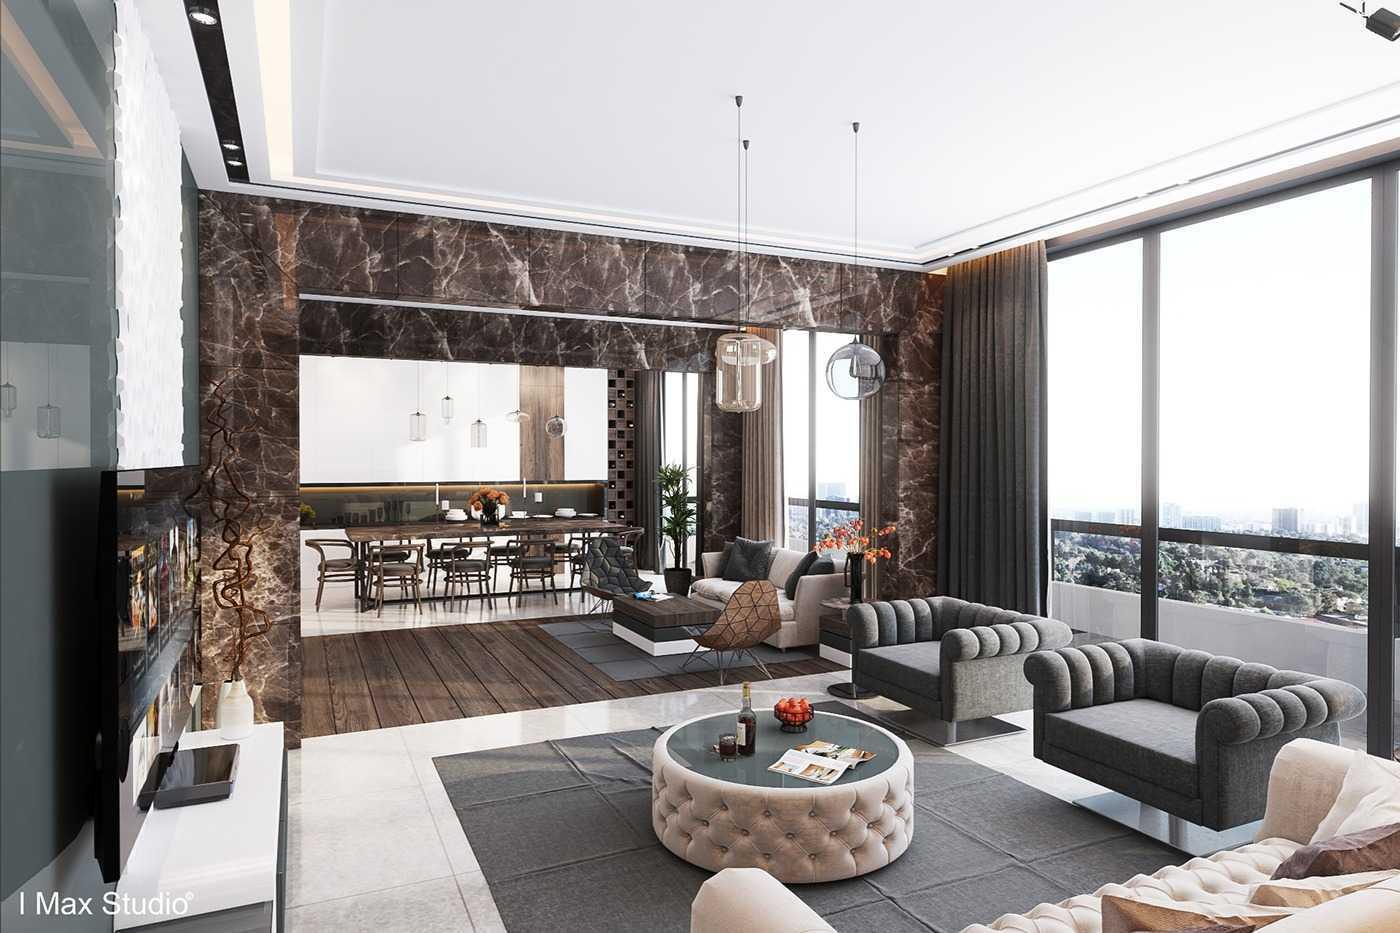 Inspirasi Desain Interior Ruang Tamu Keren Untuk Apartemen Baru